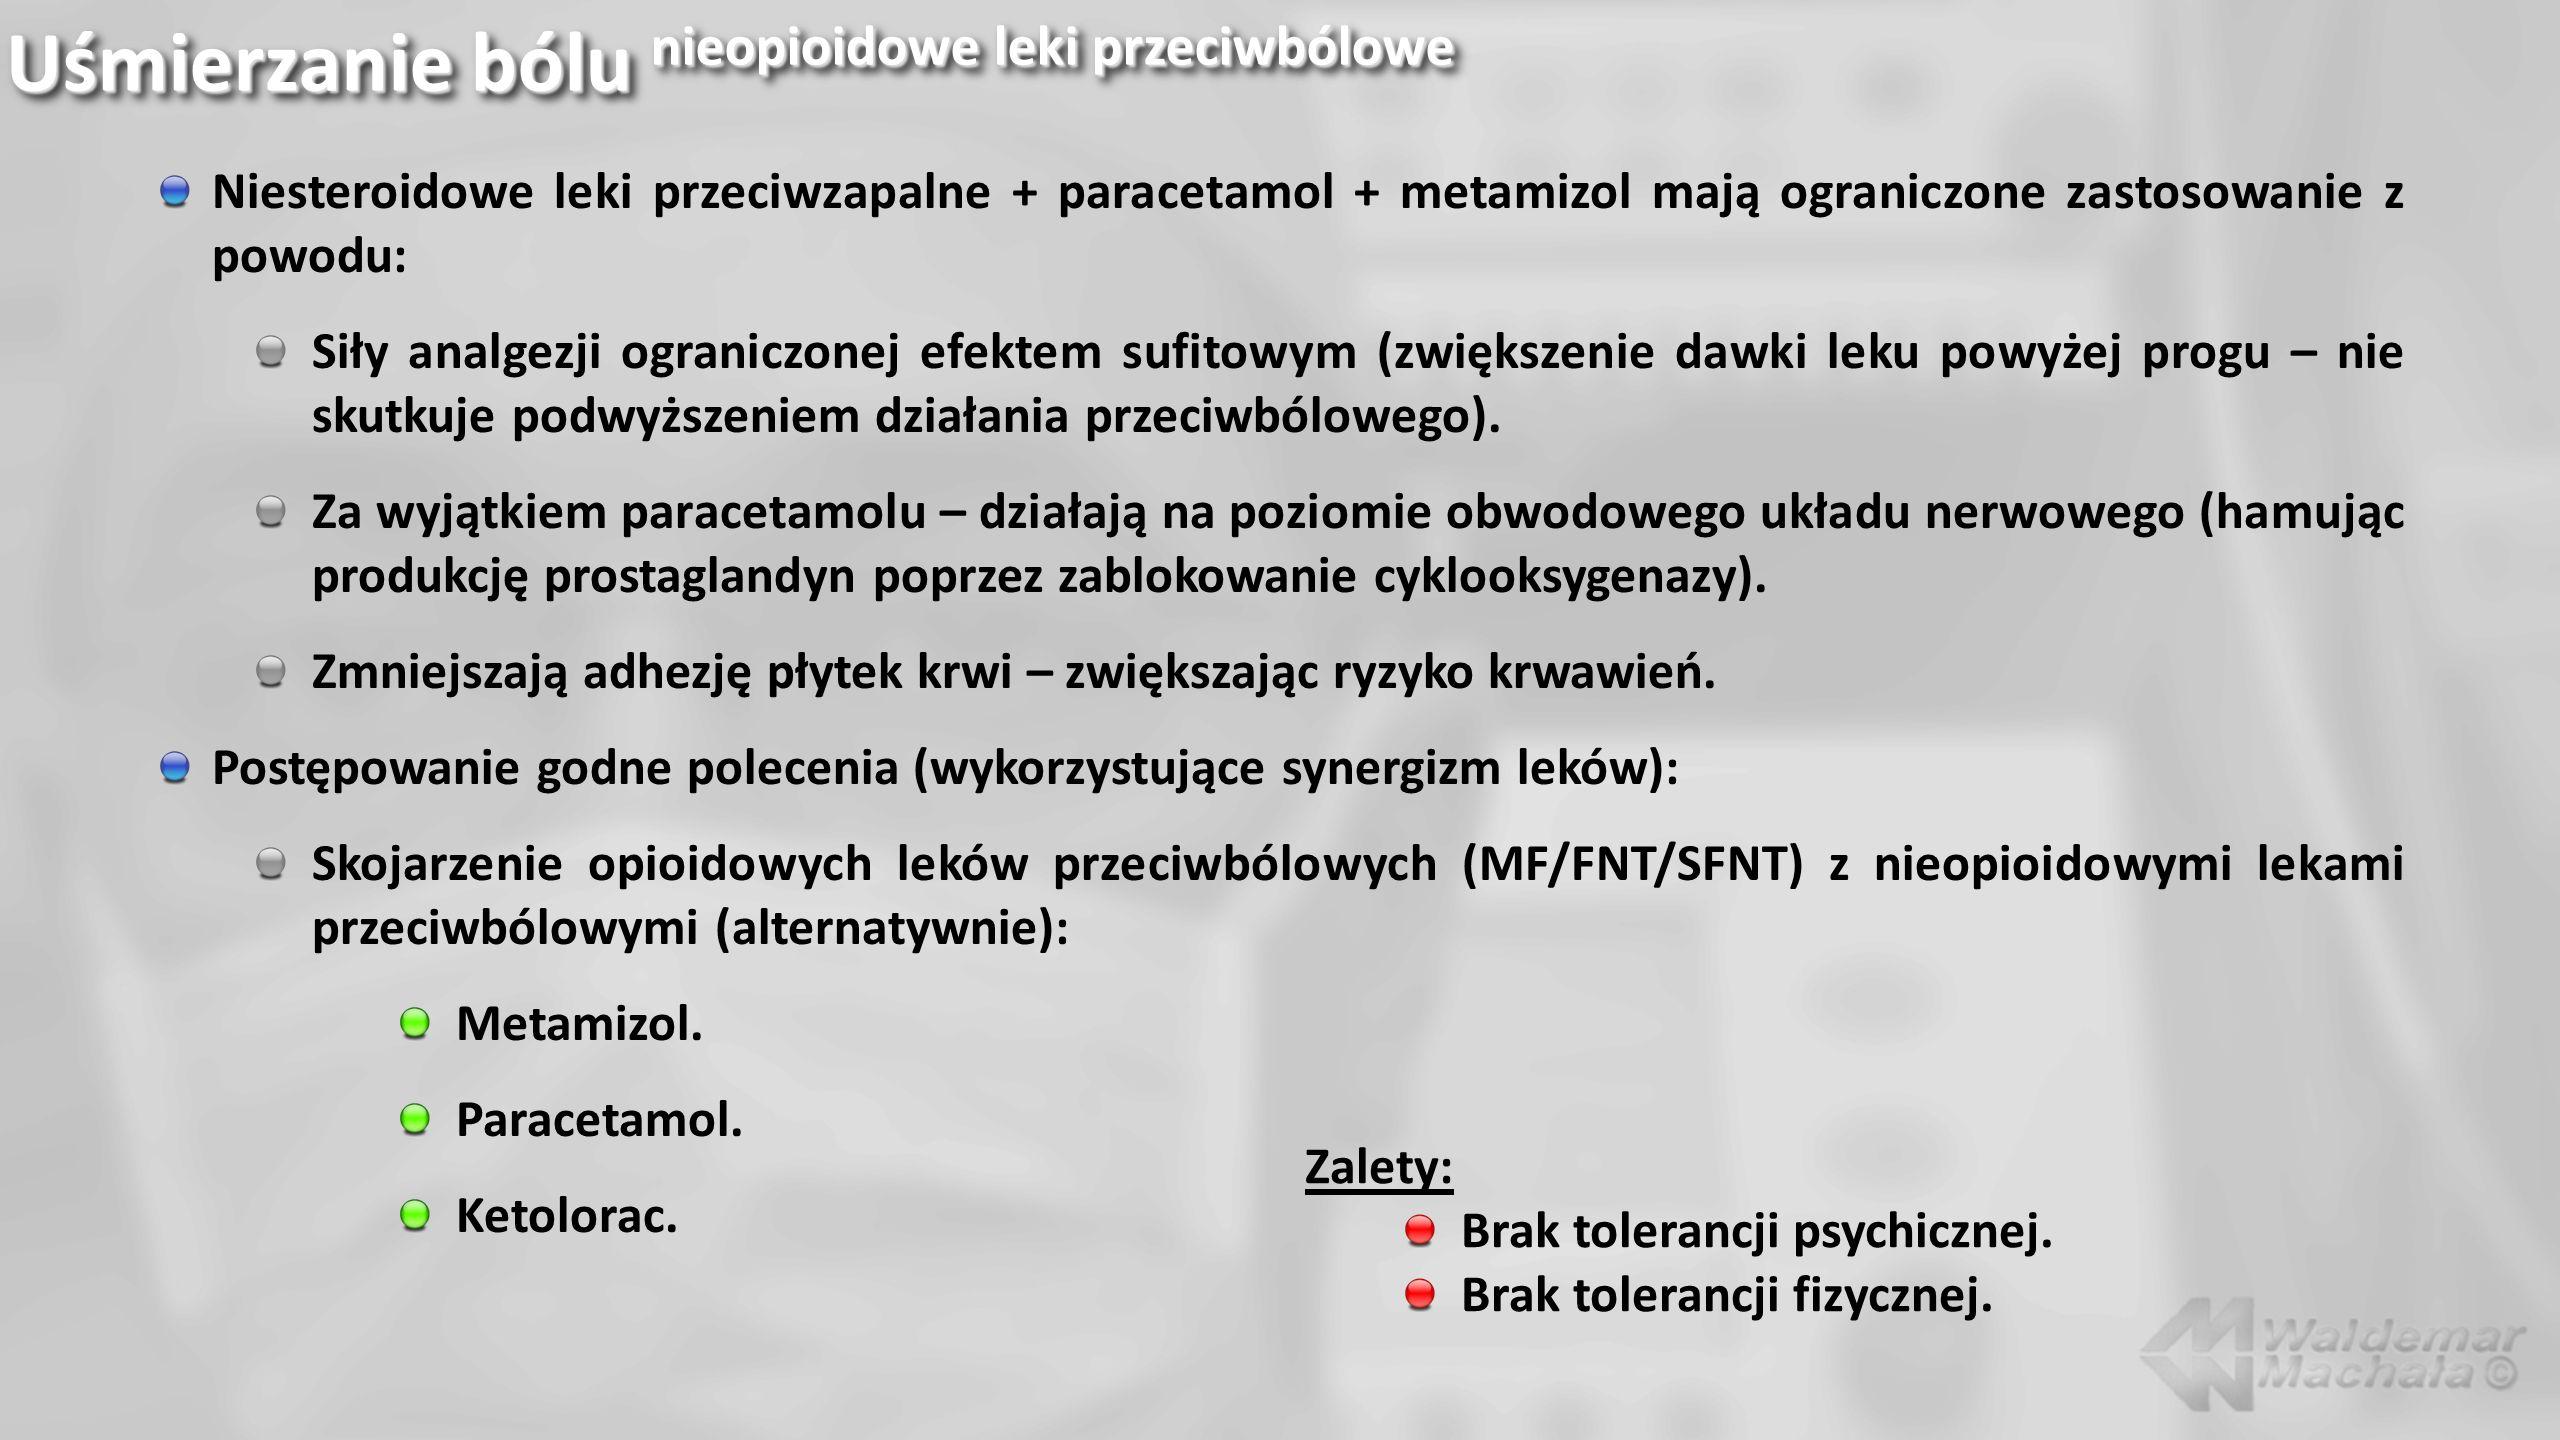 Niesteroidowe leki przeciwzapalne + paracetamol + metamizol mają ograniczone zastosowanie z powodu: Siły analgezji ograniczonej efektem sufitowym (zwi